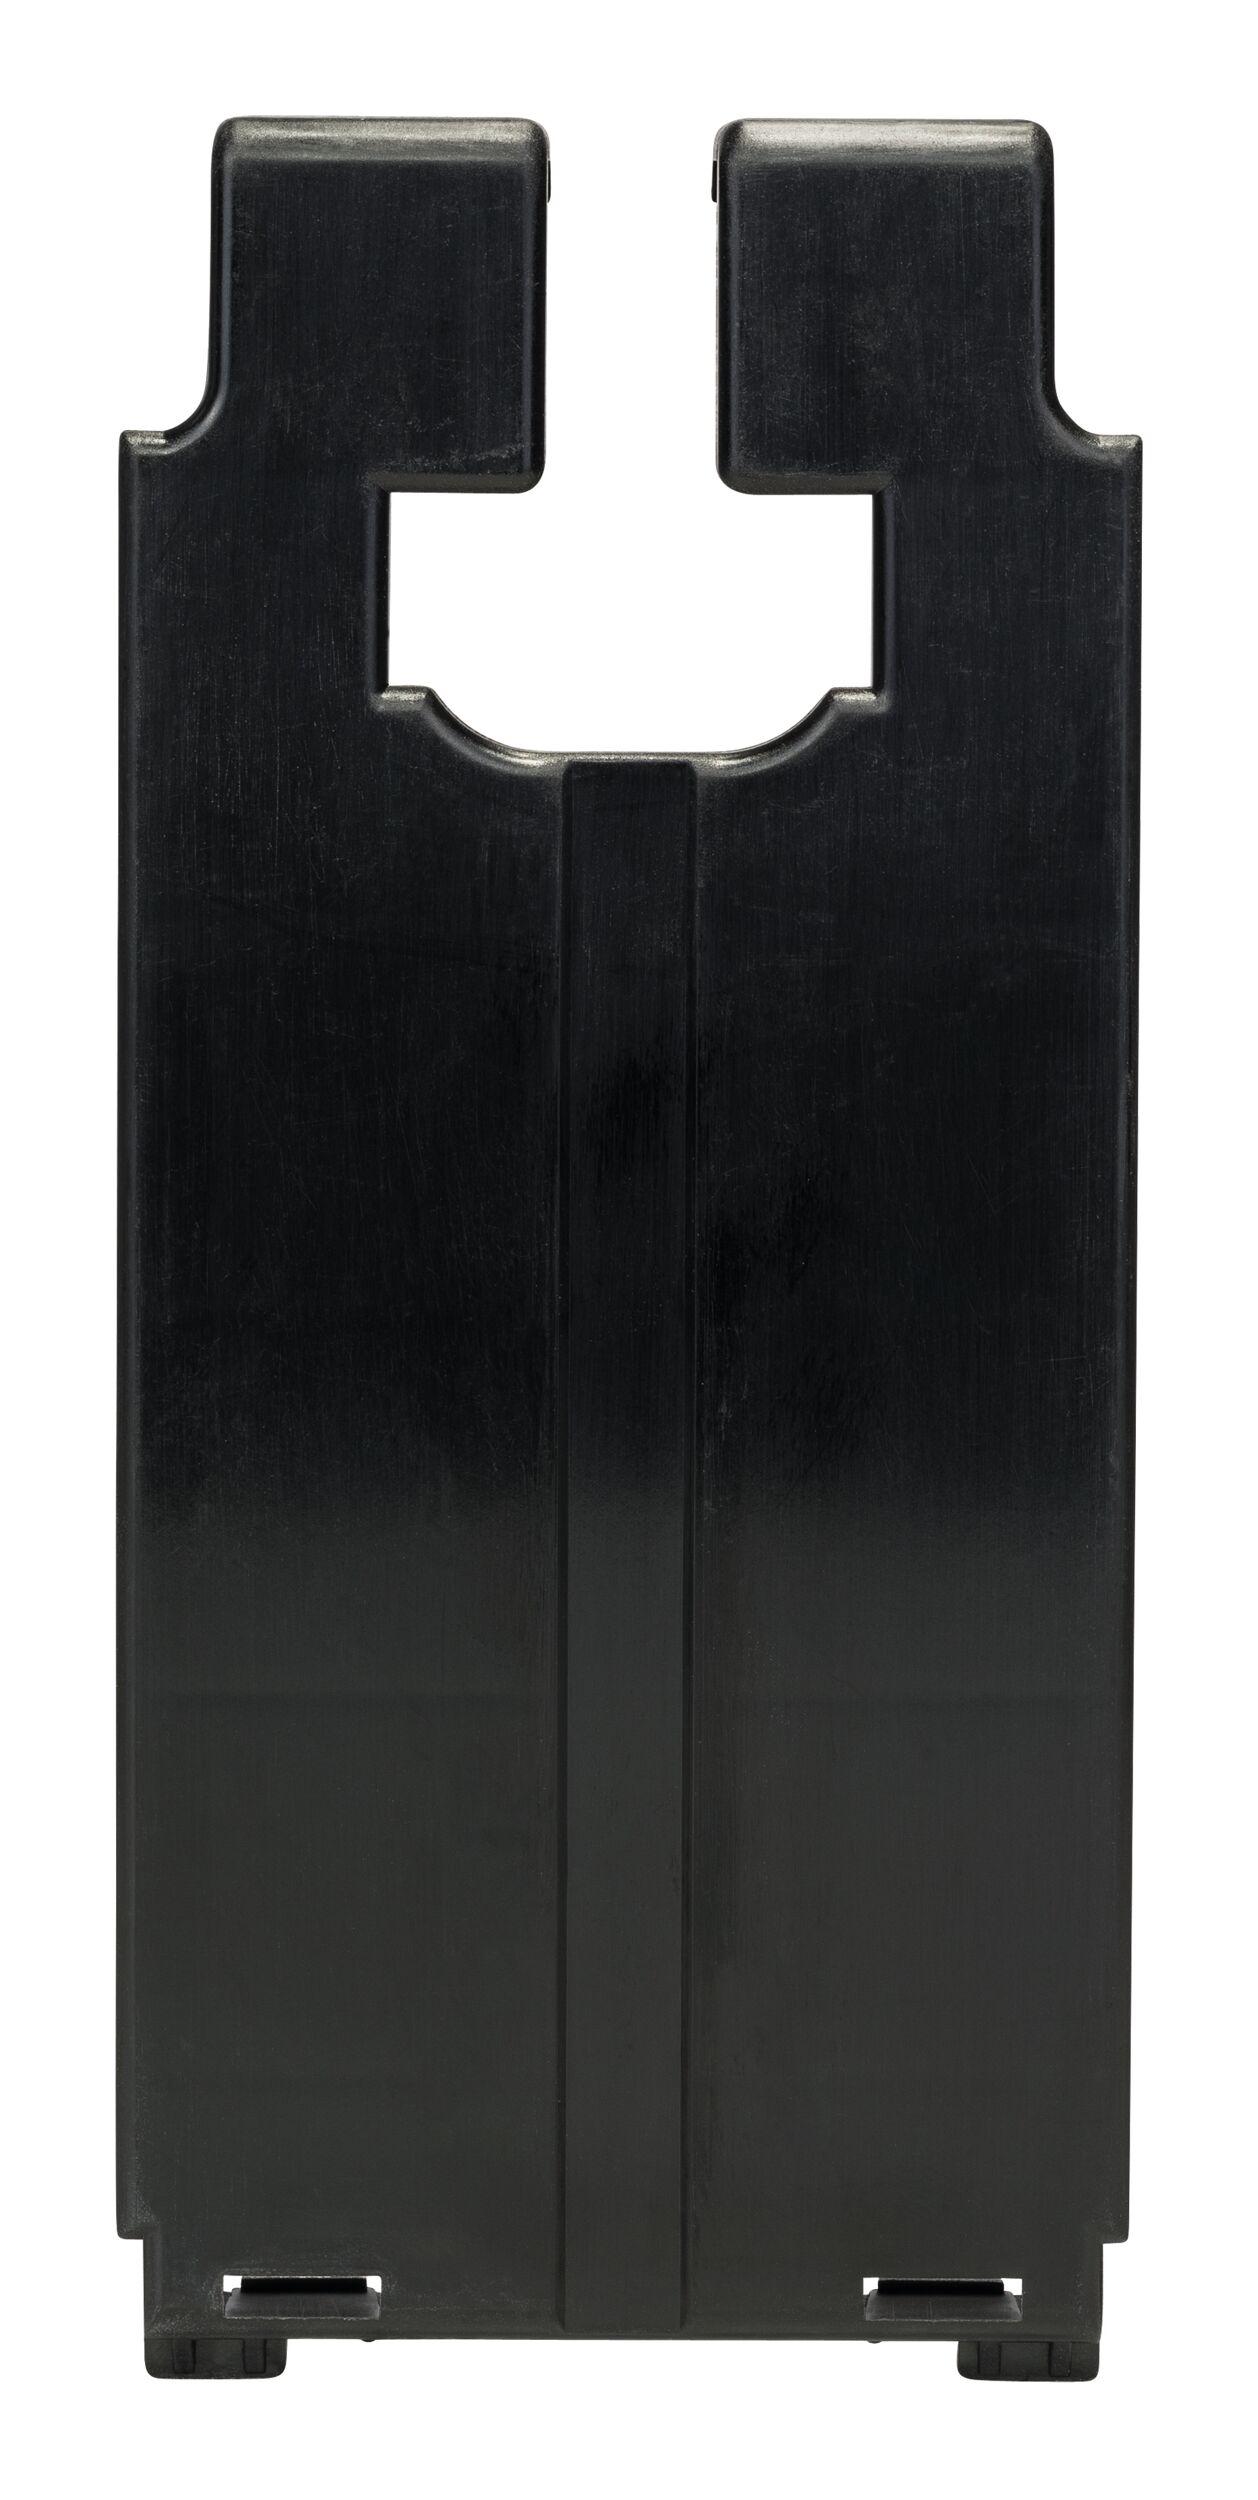 Zubehör Kunststoffplatte zu Fußplatte für PST 650, PST 700 PE, PST... 2608000278